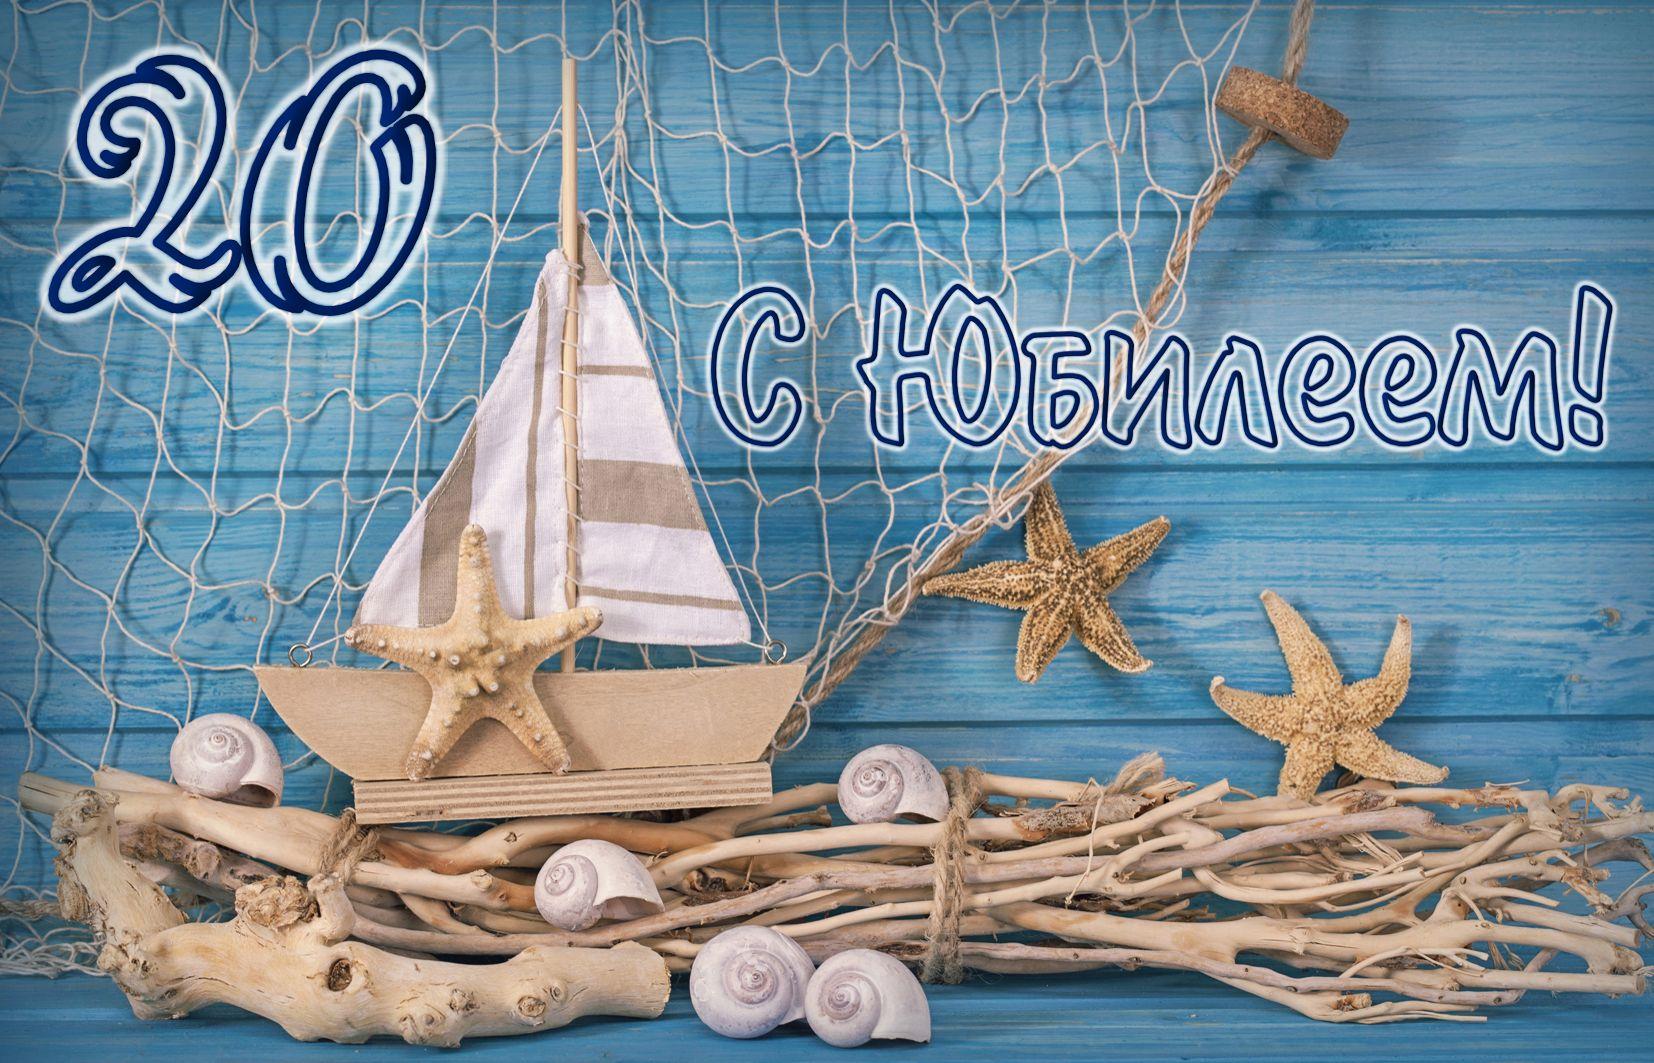 Открытка на юбилей на 20 лет - яхта, ракушки и морские звезды